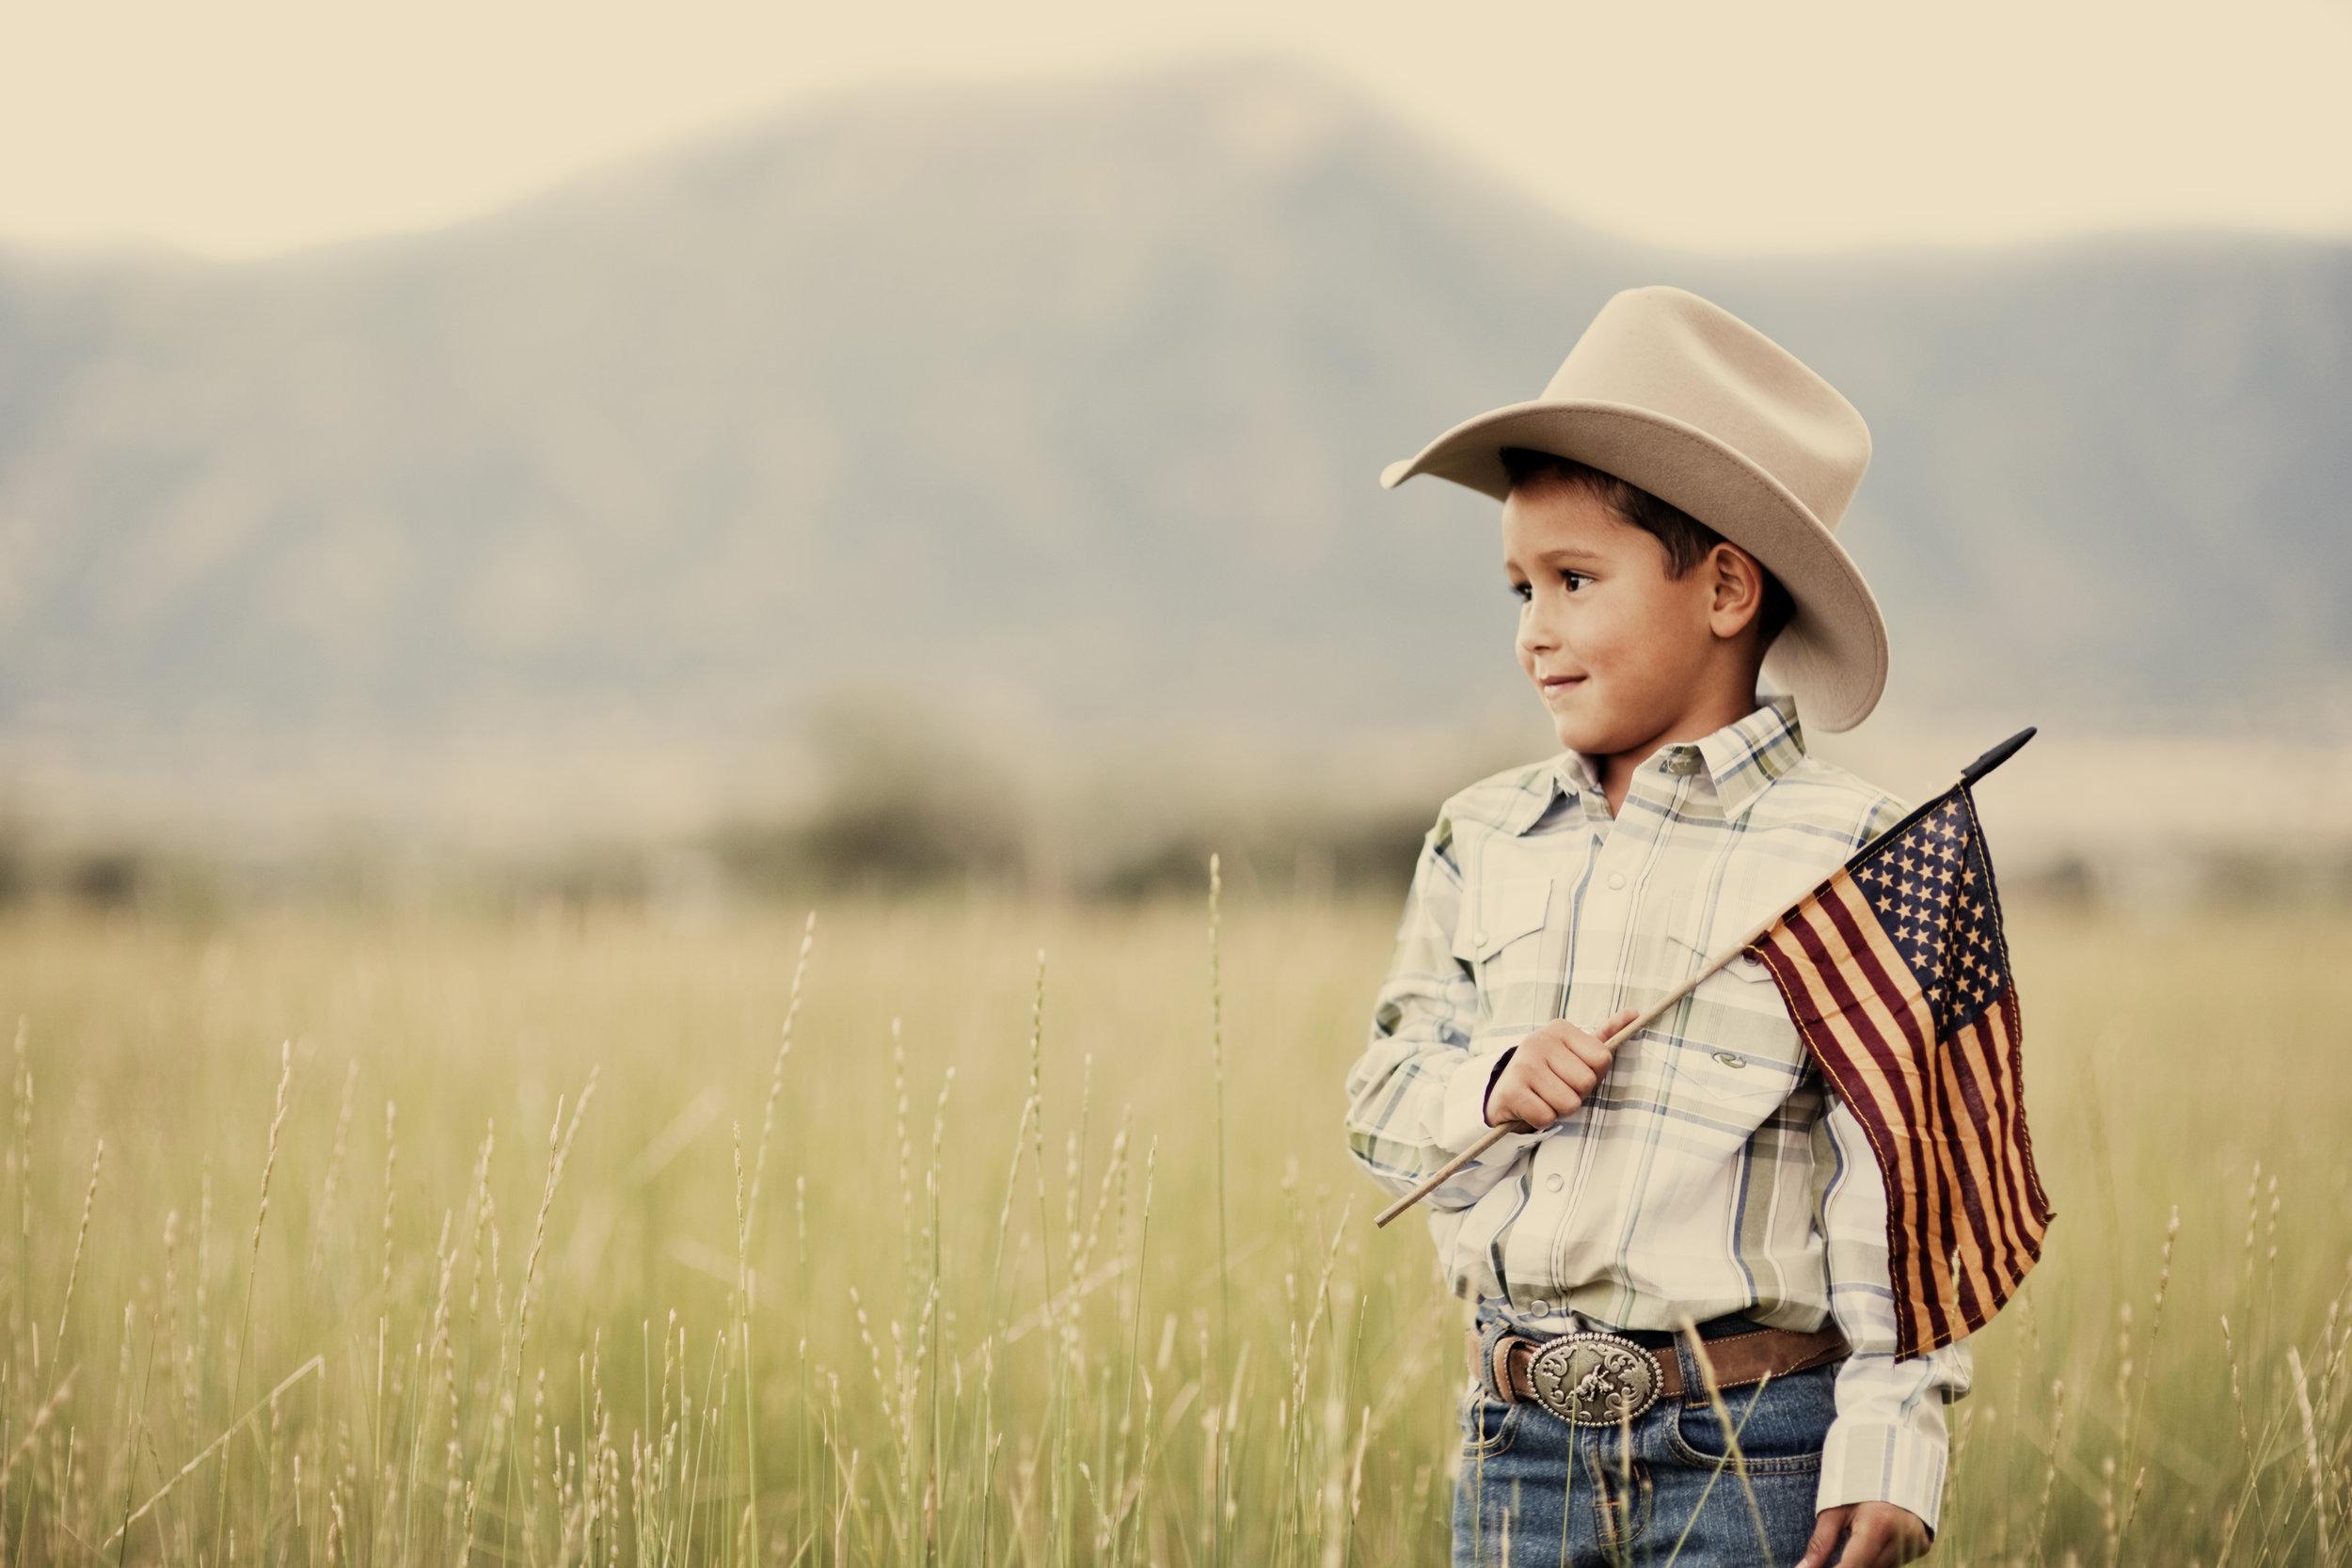 kid-withflag.jpg